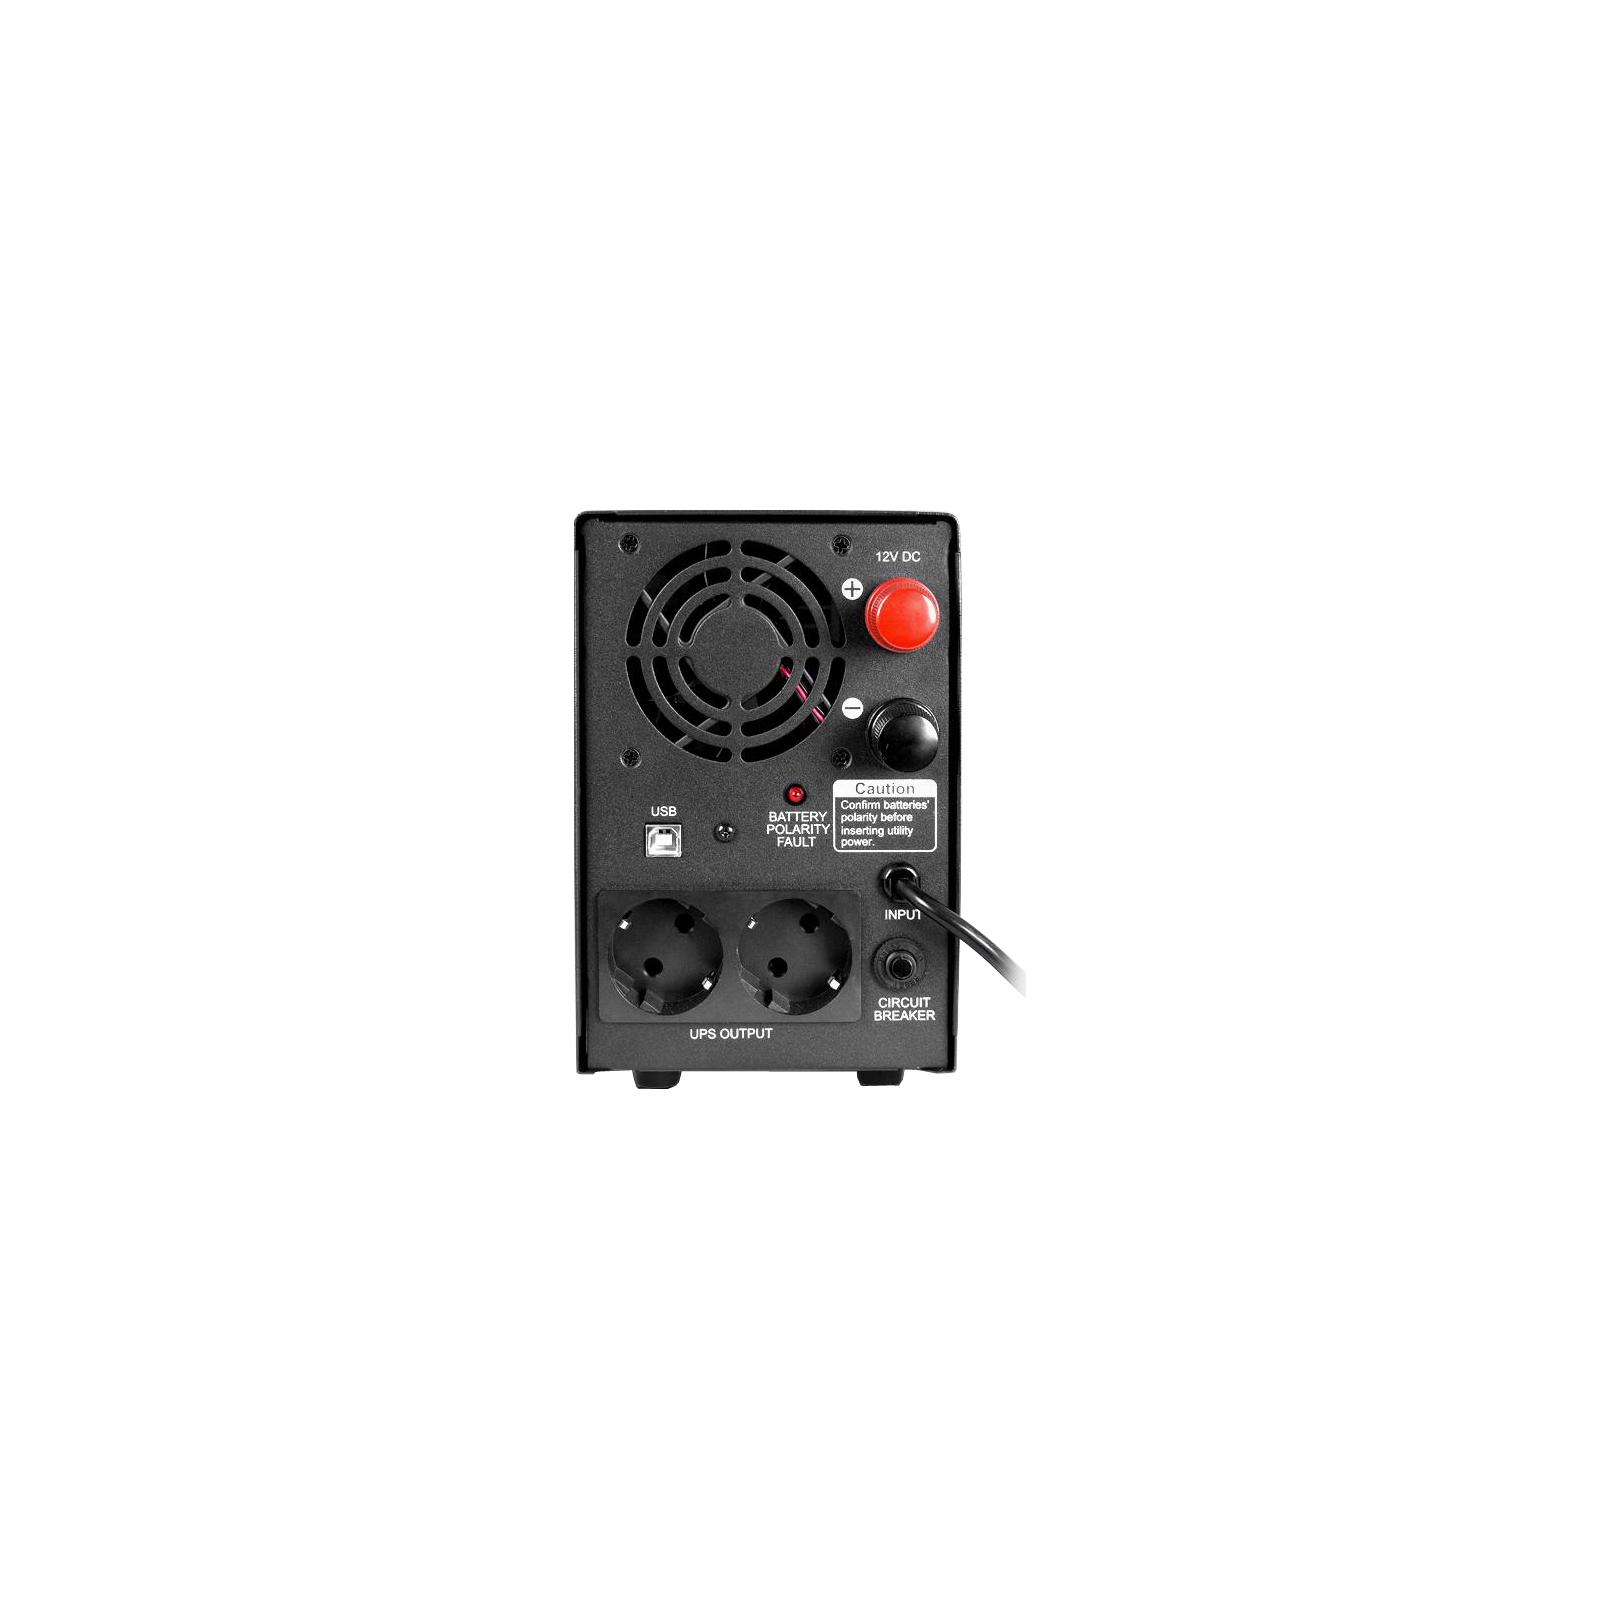 Источник бесперебойного питания Powercom INF-500 (INF-500 AP) изображение 3